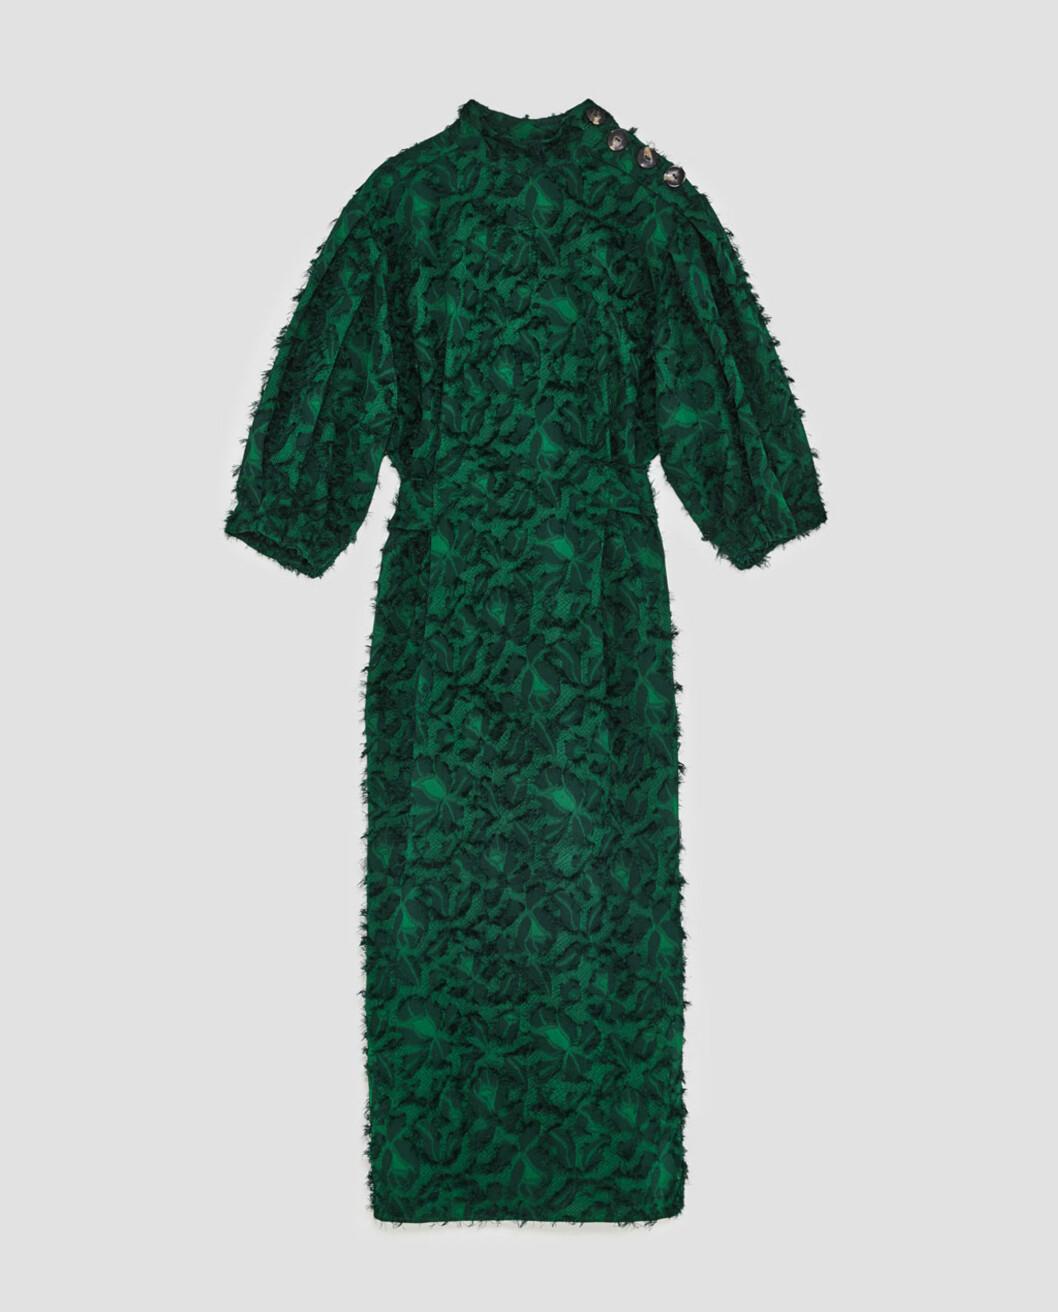 <strong>Kjole fra Zara | kr 599 | https:</strong>//www.zara.com/no/no/dame/nyheter/midikjole-med-frynser-c840002p4858589.html